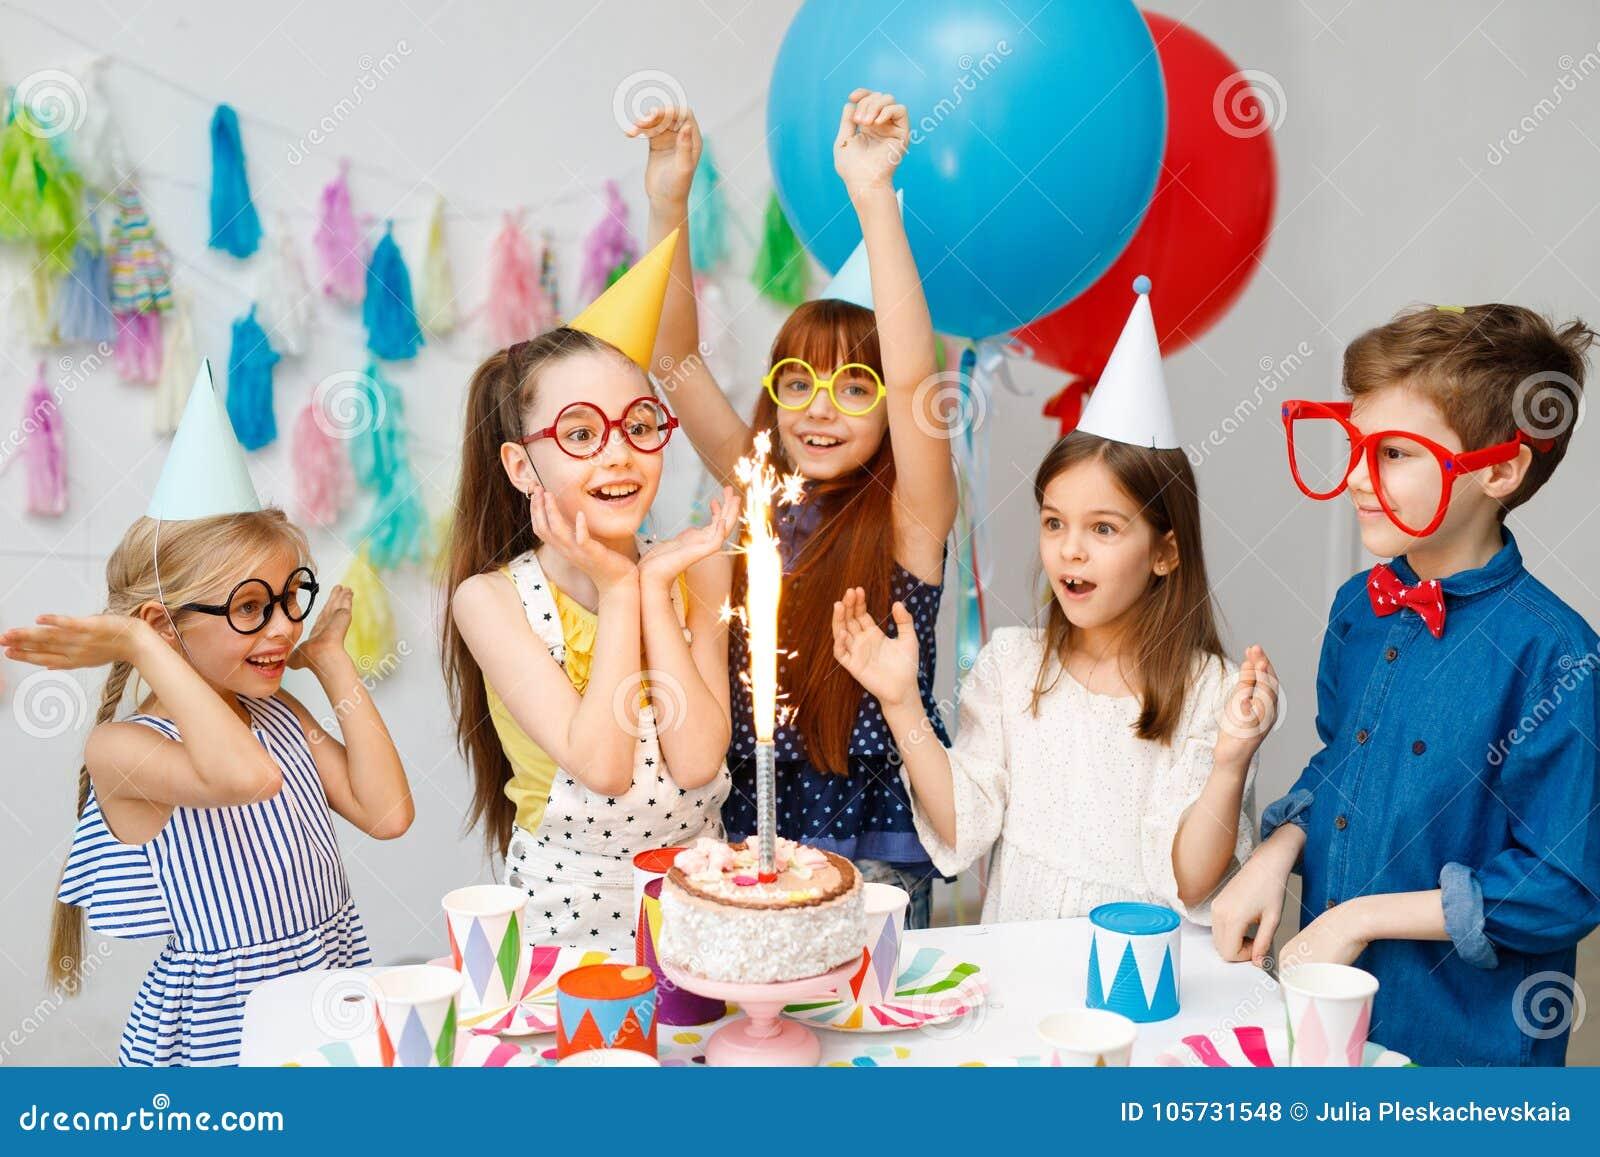 Innenschuß von glücklichen frohen Kindern betrachten großen Schein auf Kuchen, feiern Geburtstag, ungeschickte große Schauspiele